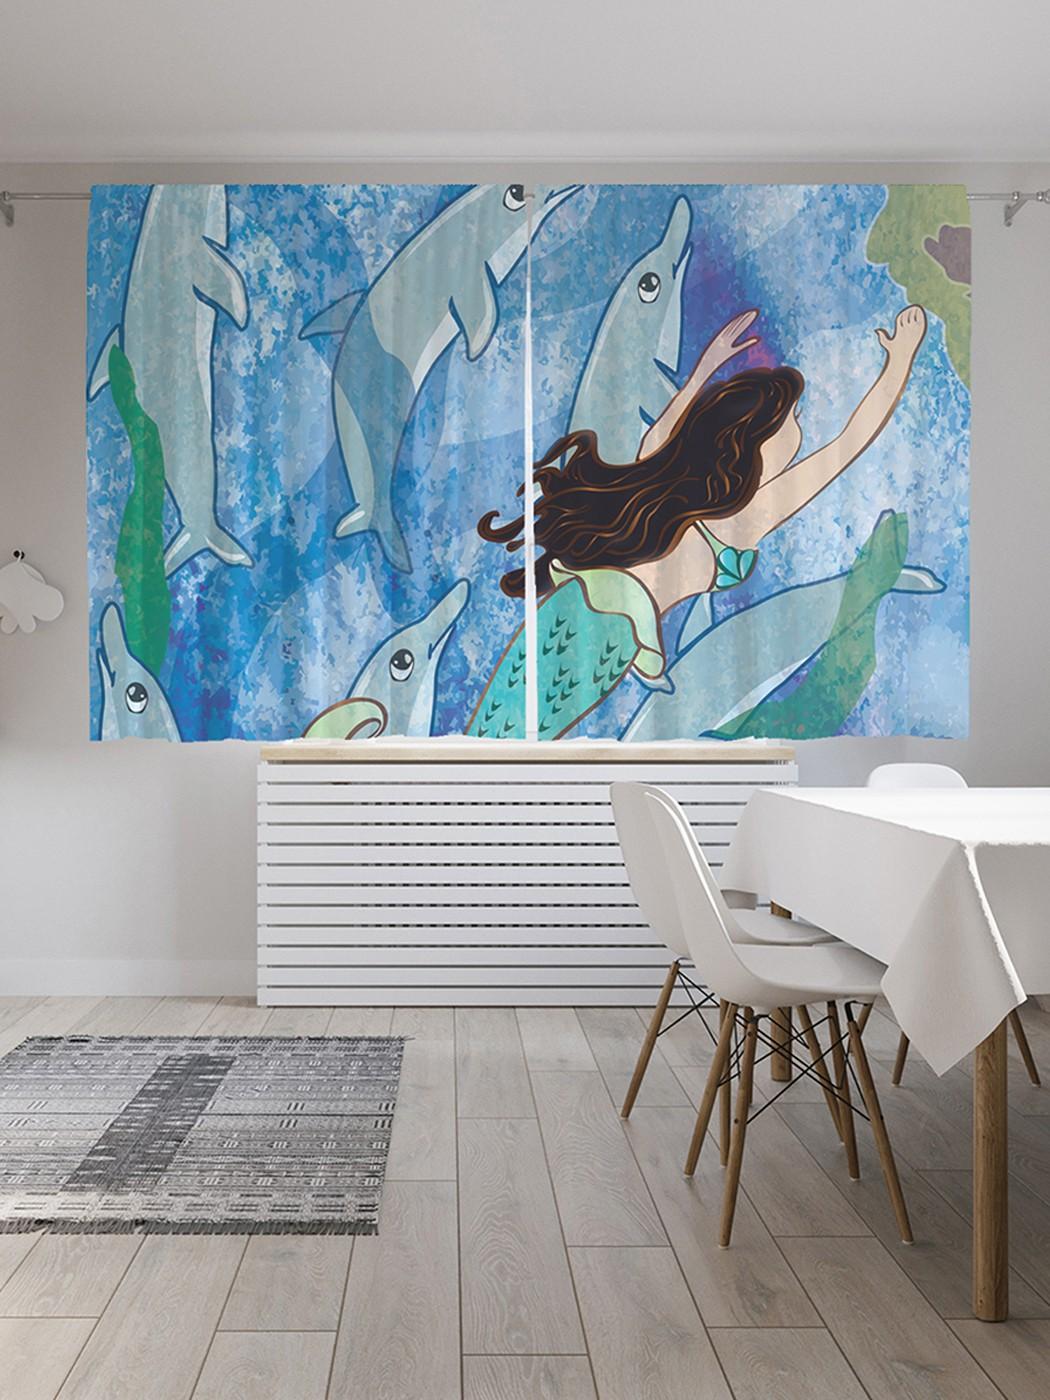 Шторы под лён «Дельфины и русалка», серия Oxford DeLux, 290х180 см